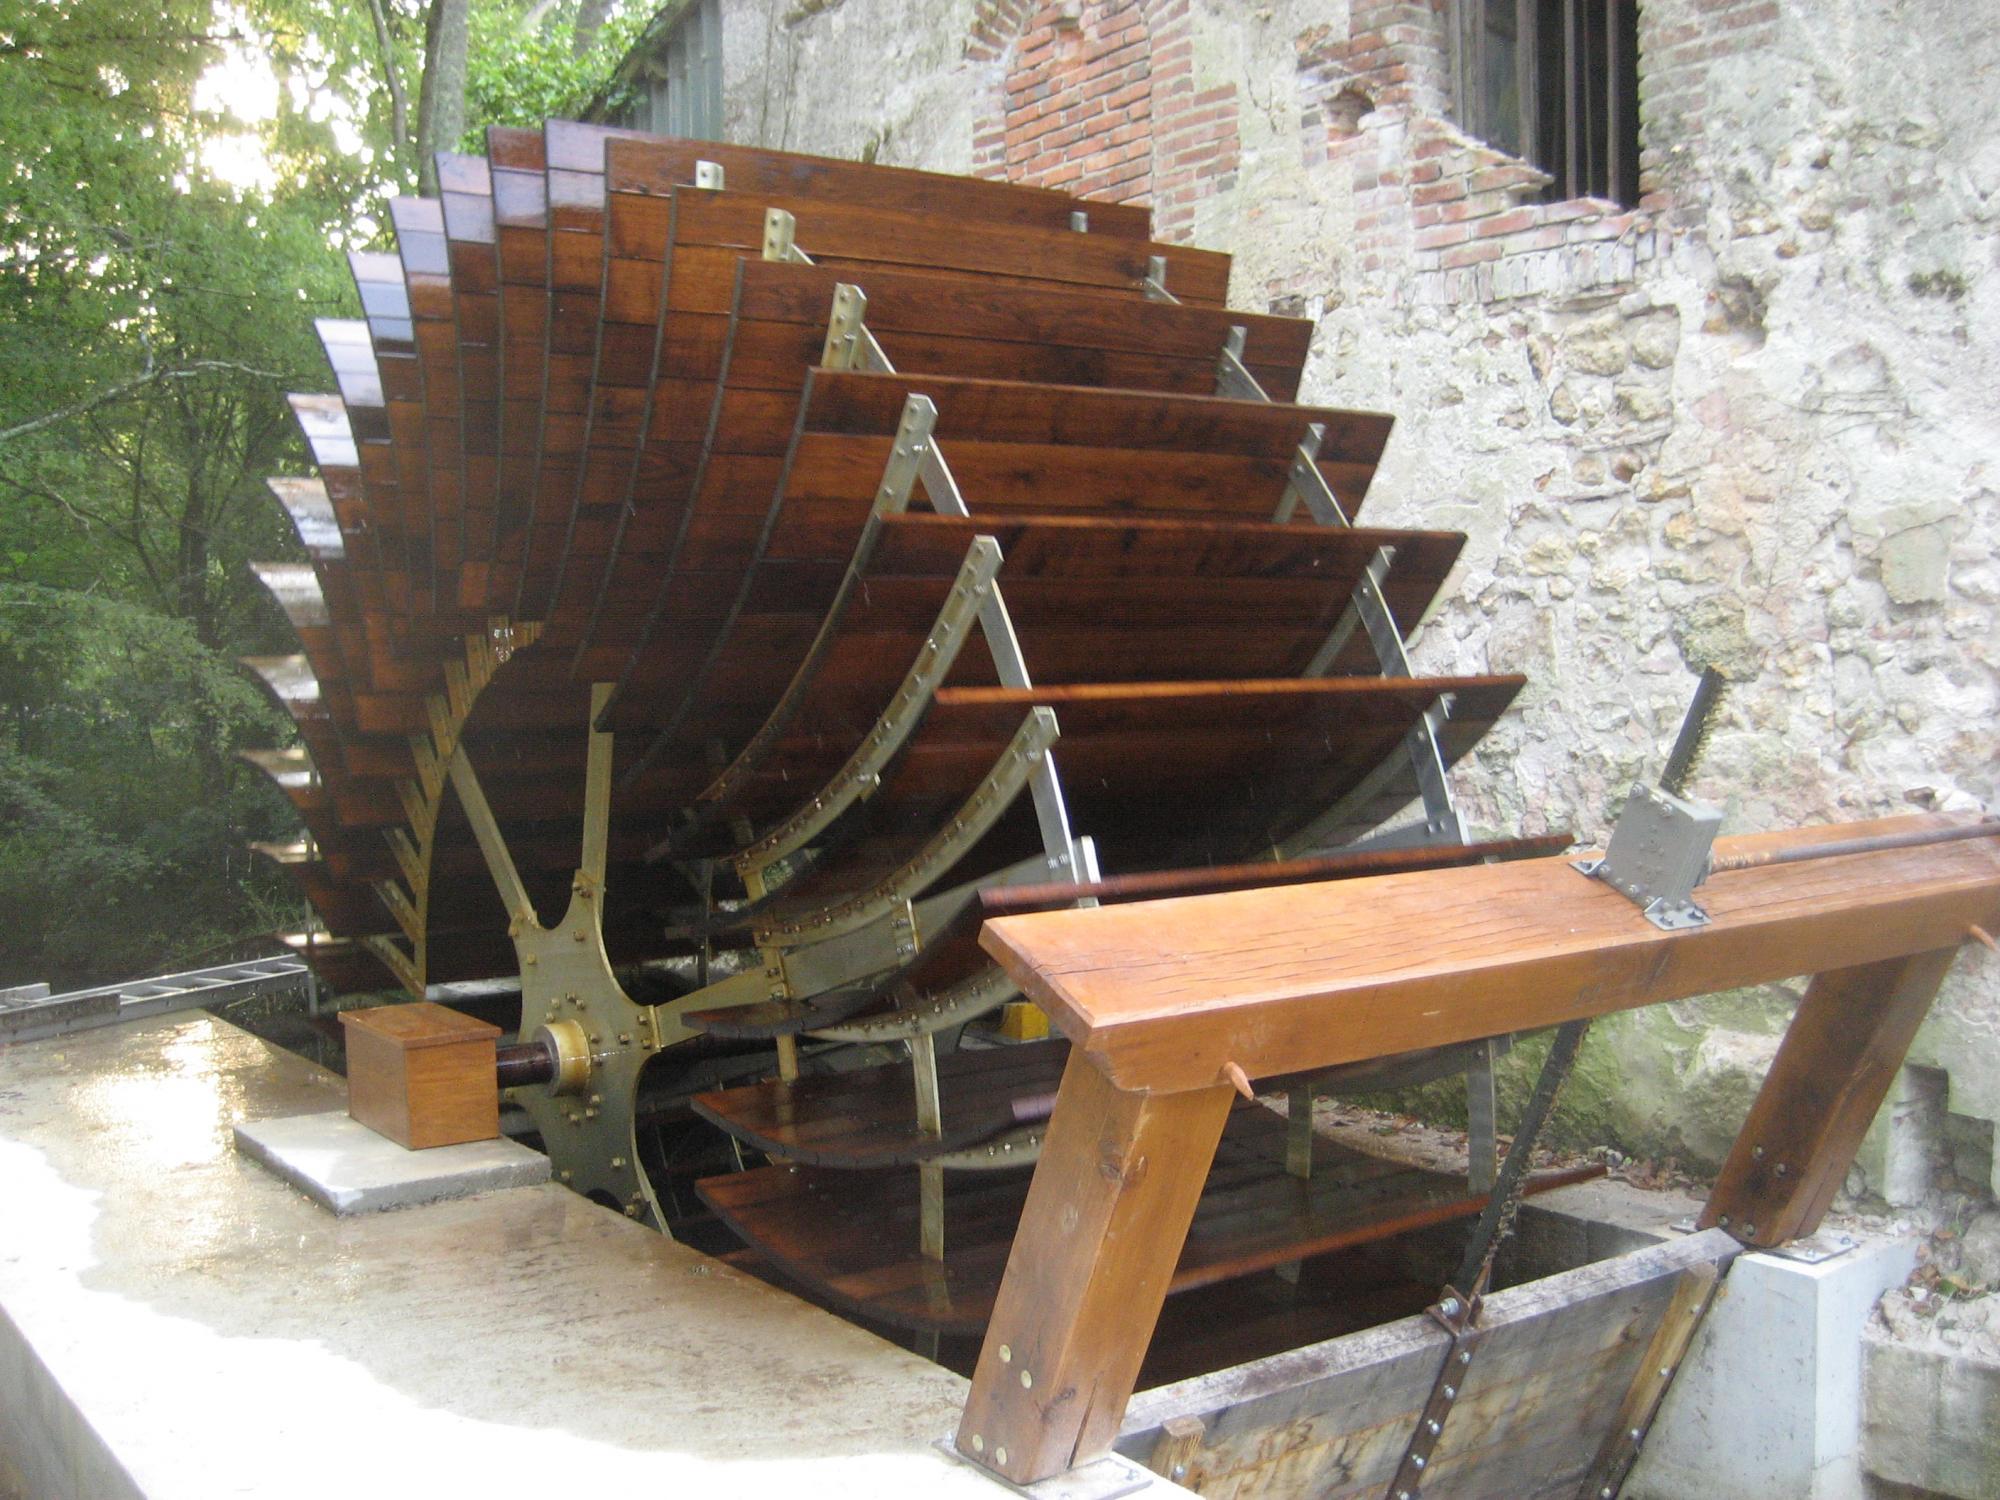 Restauration de moulins eau entreprise croix - Fabriquer une horloge a eau ...